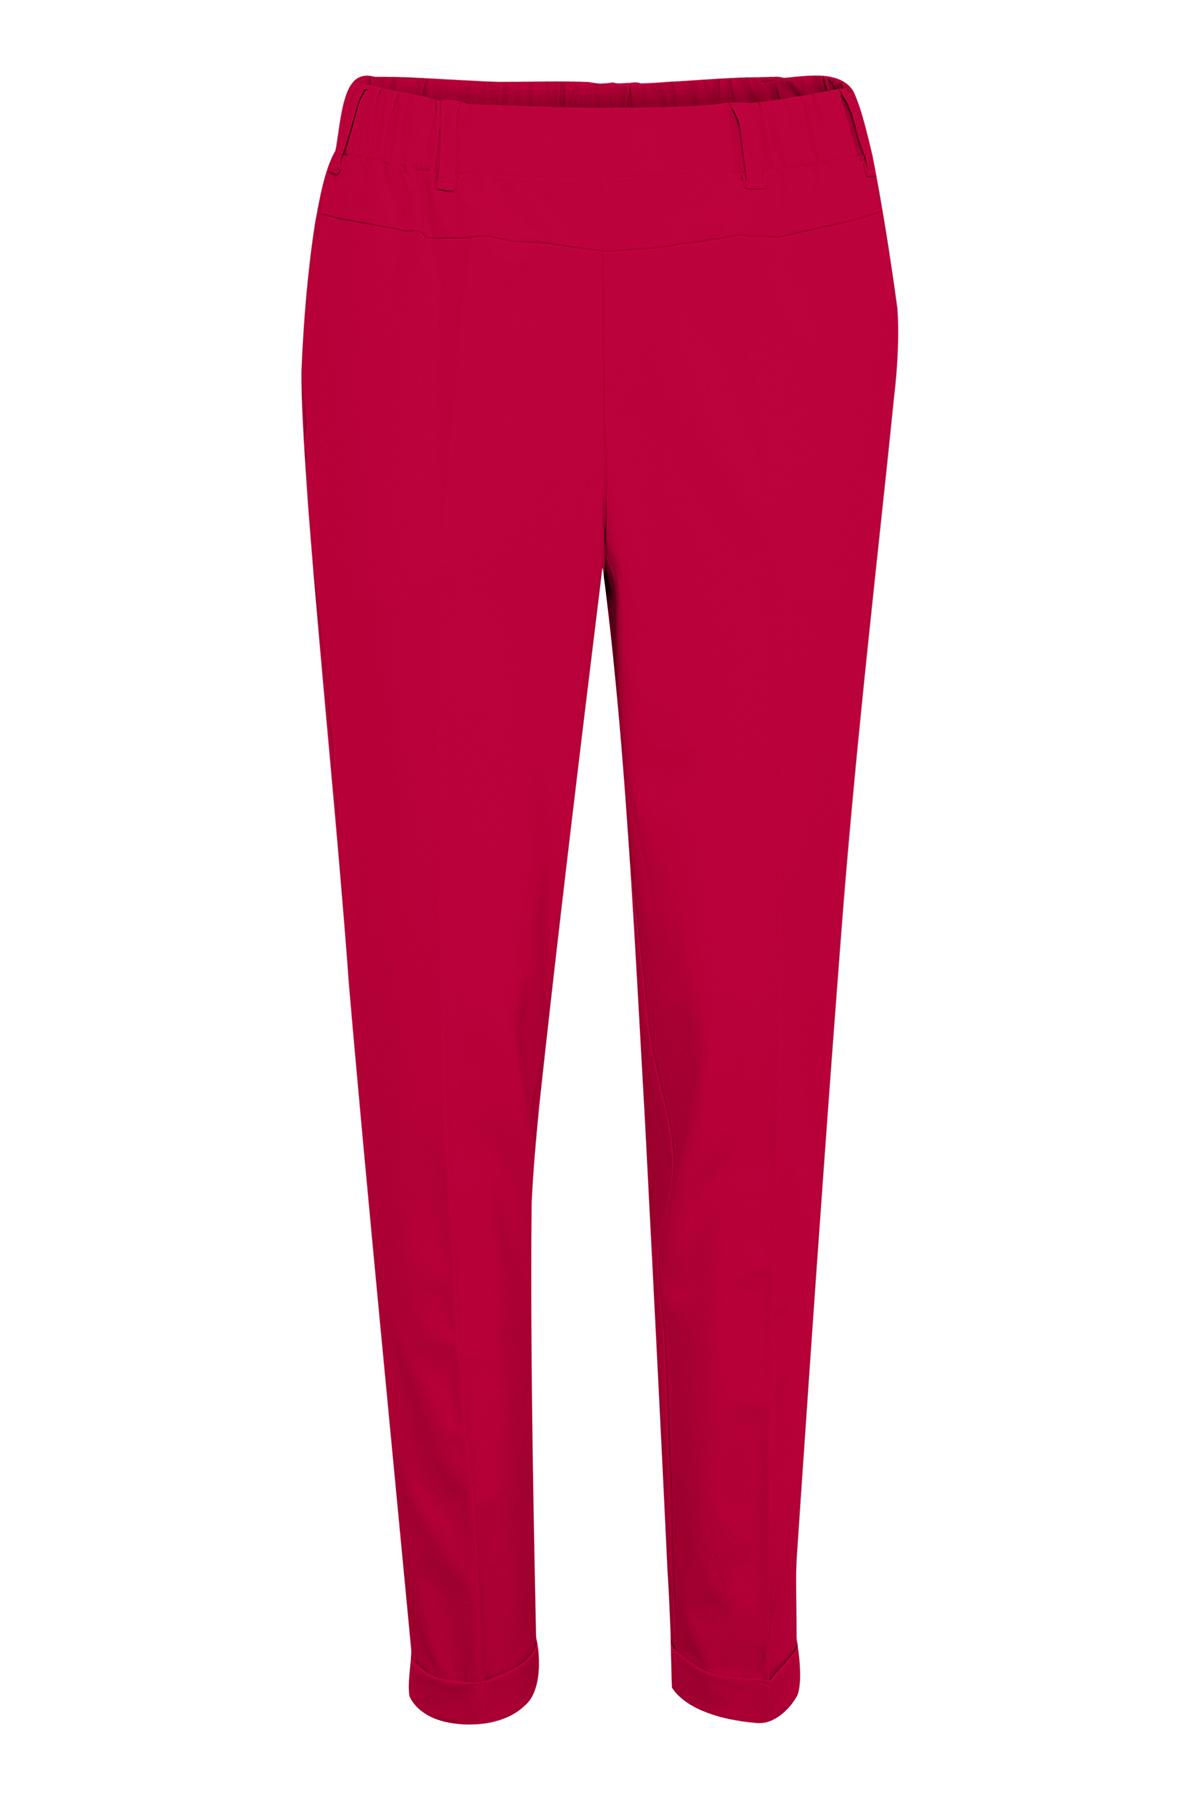 Rot Hose von Kaffe – Shoppen SieRot Hose ab Gr. 32-46 hier